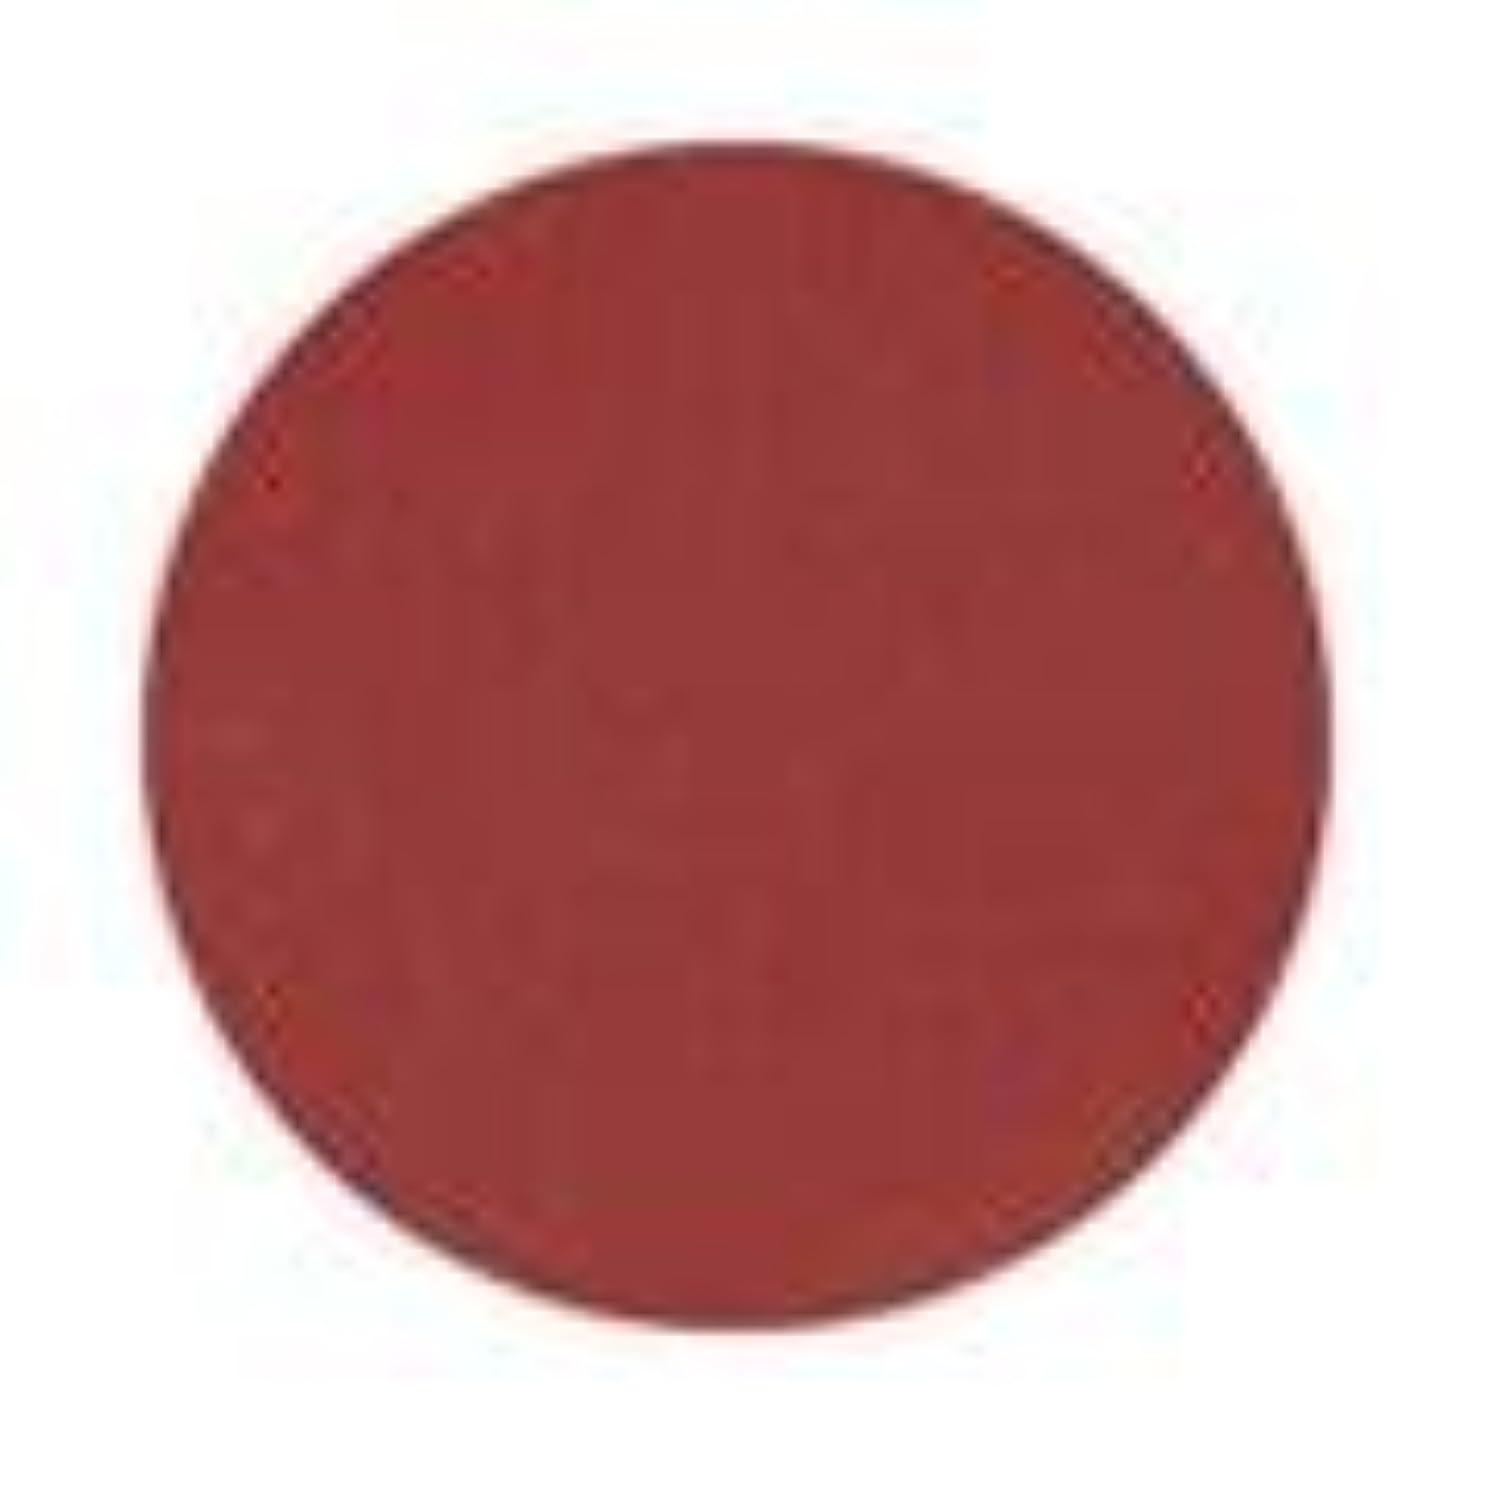 説明的感じる集めるJessica ジェレレーション カラー 15ml  954 ダスティーローズ